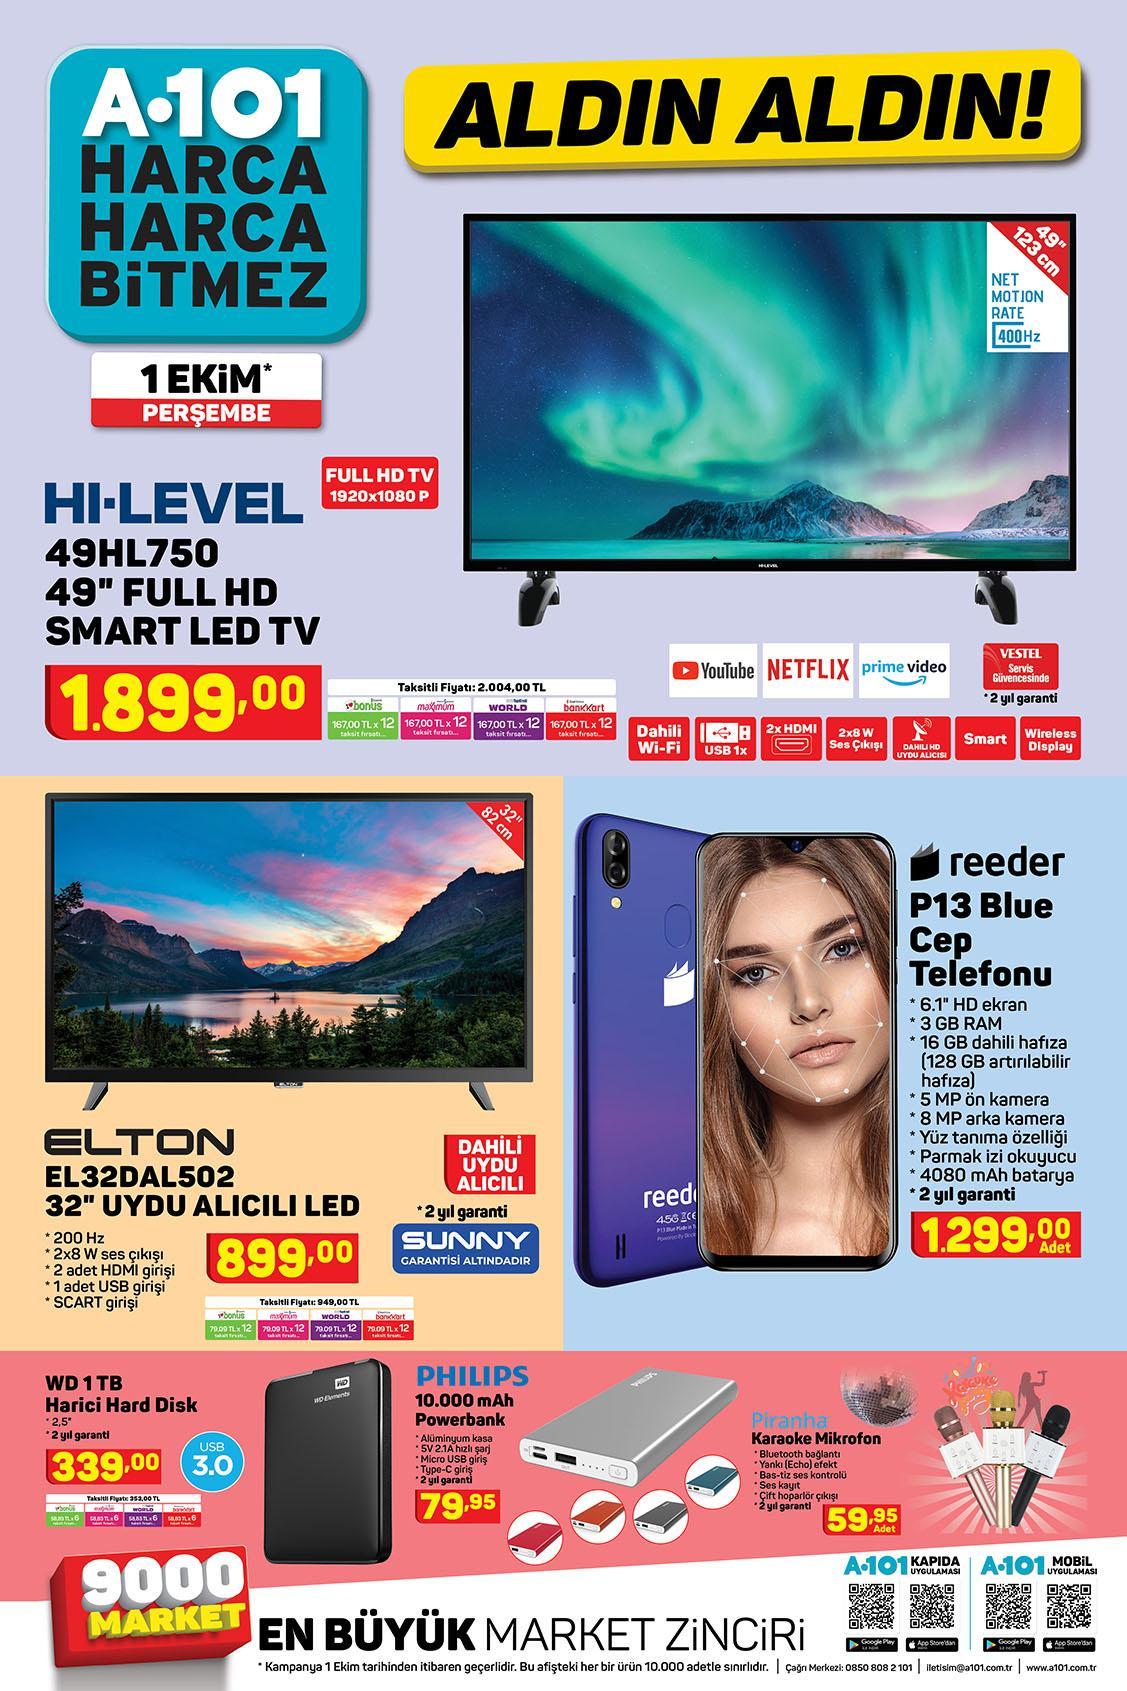 A101 Aktüel Aldın Aldın 01 Ekim - 08 Ekim Sayfa: 1